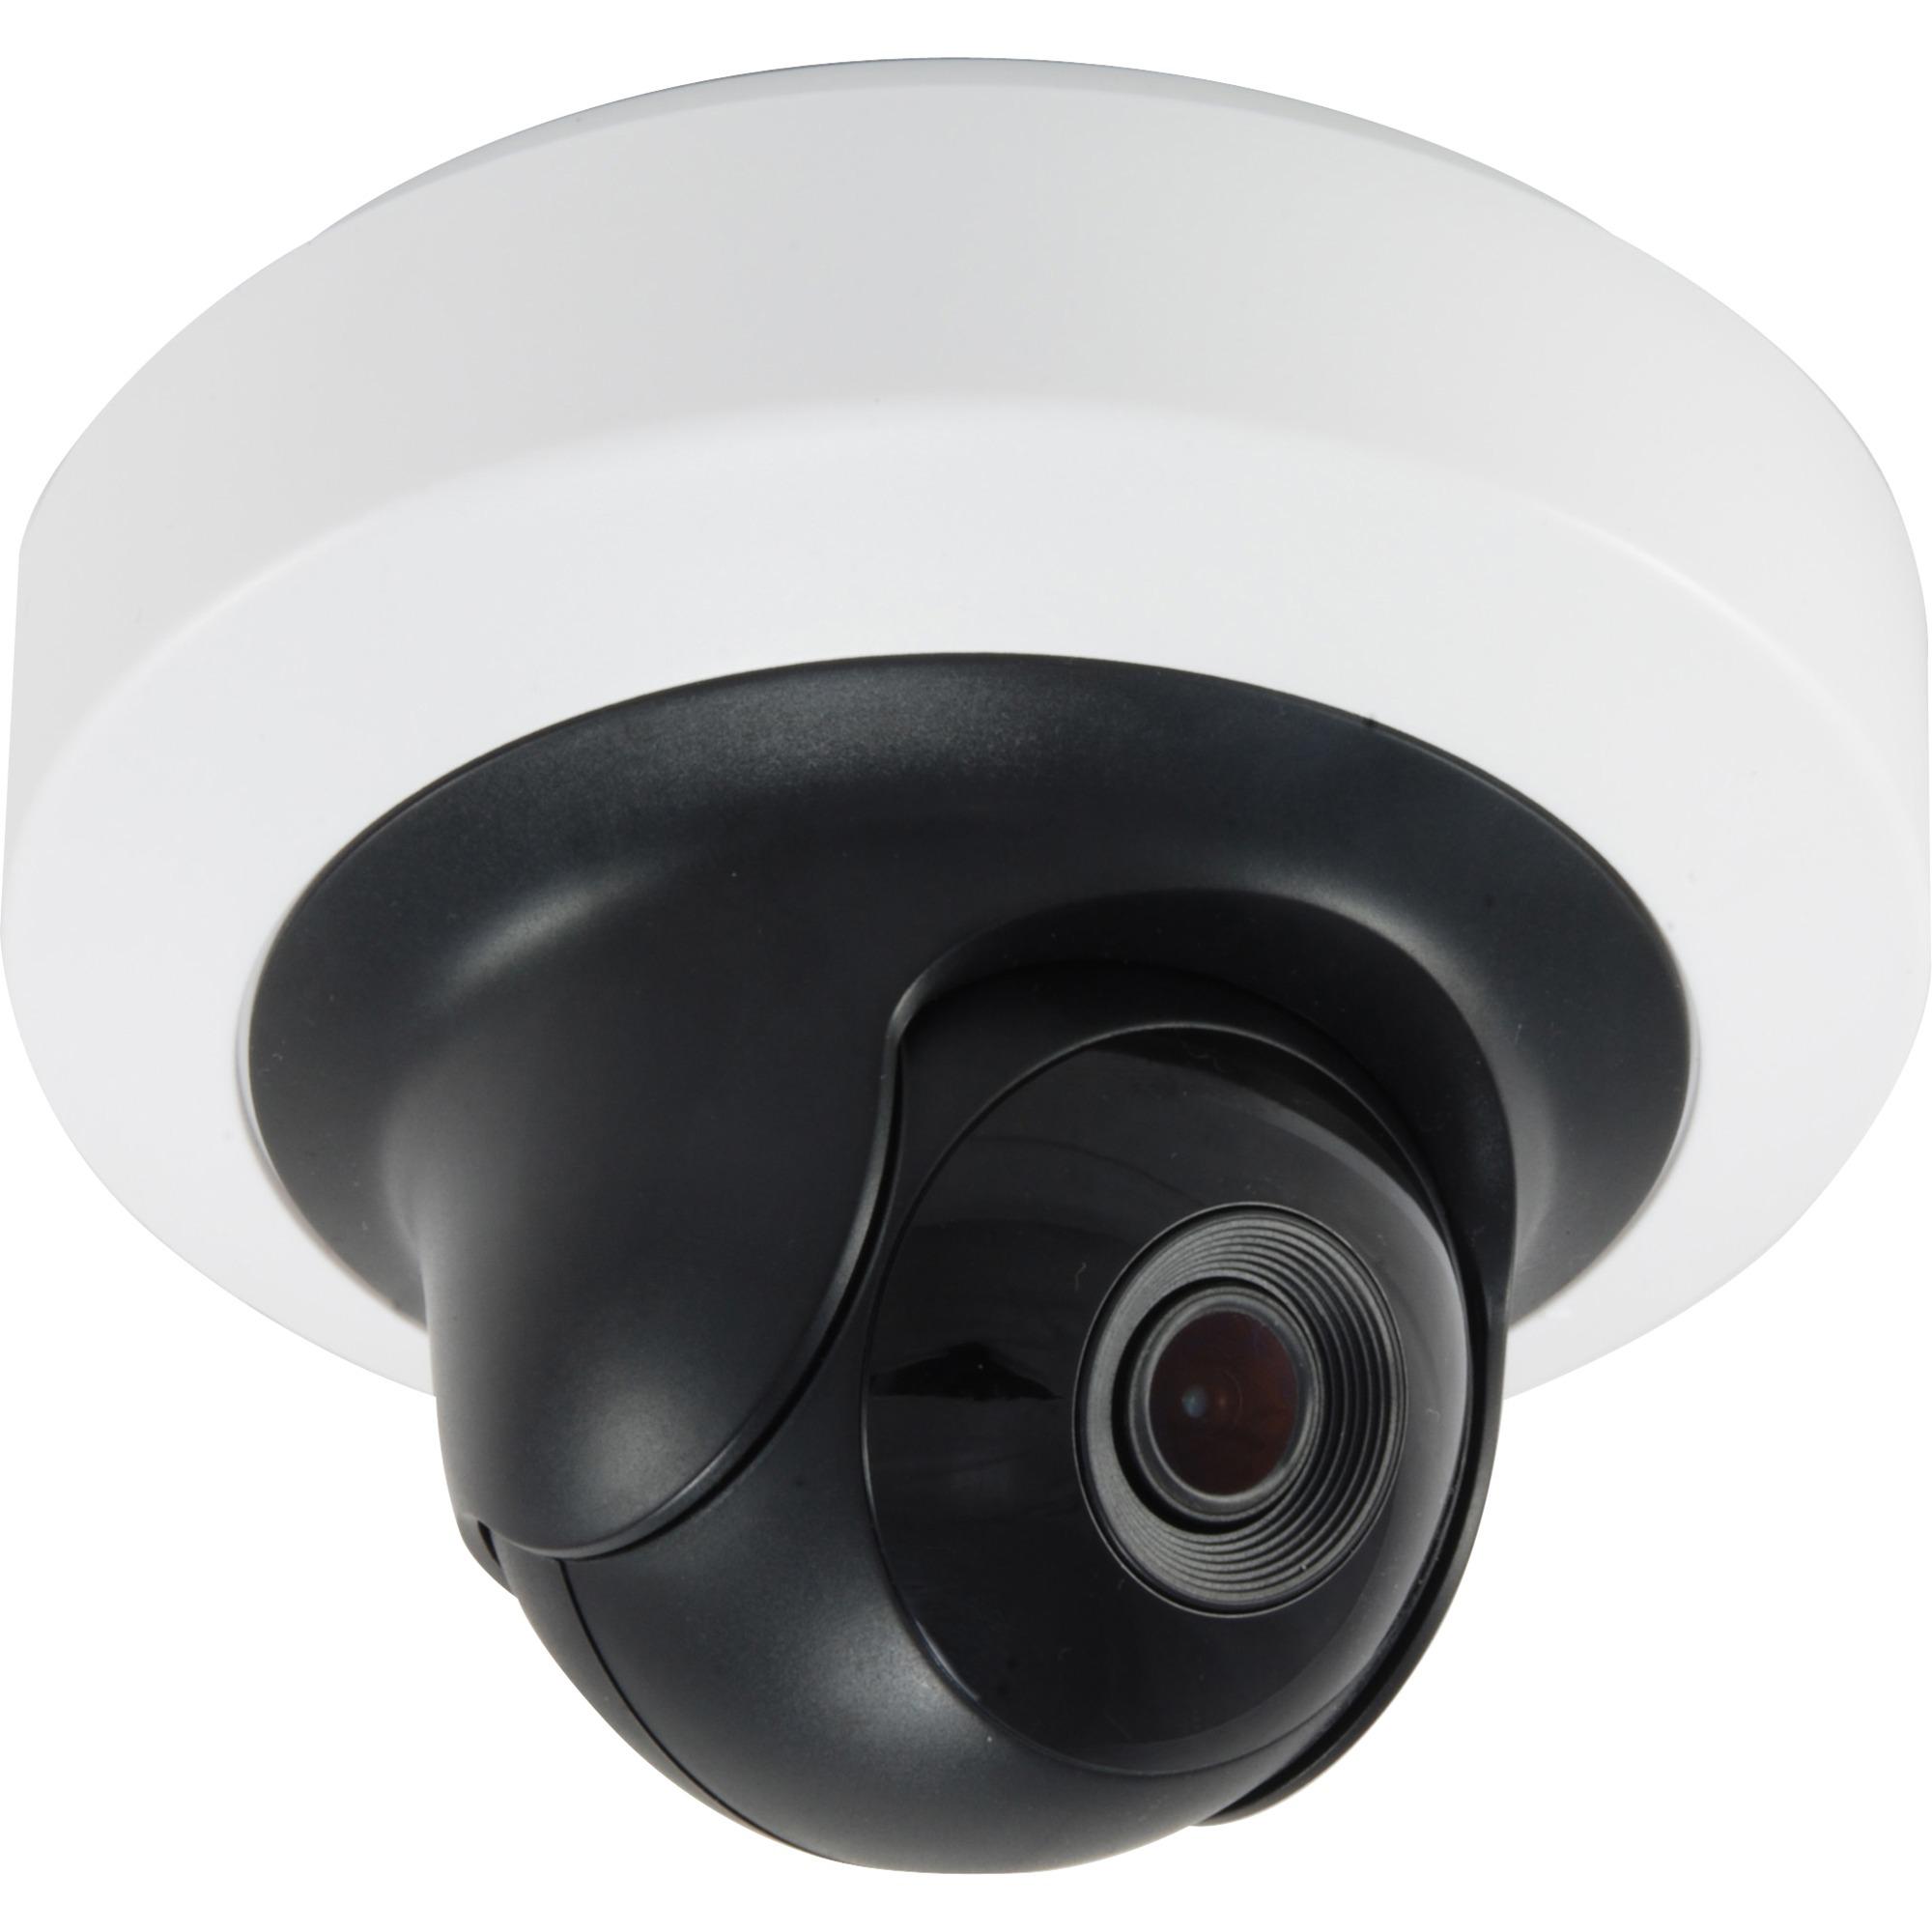 FCS-4103 Cámara de seguridad IP Interior Almohadilla Blanco 2688 x 1520 Pixeles, Cámara de red